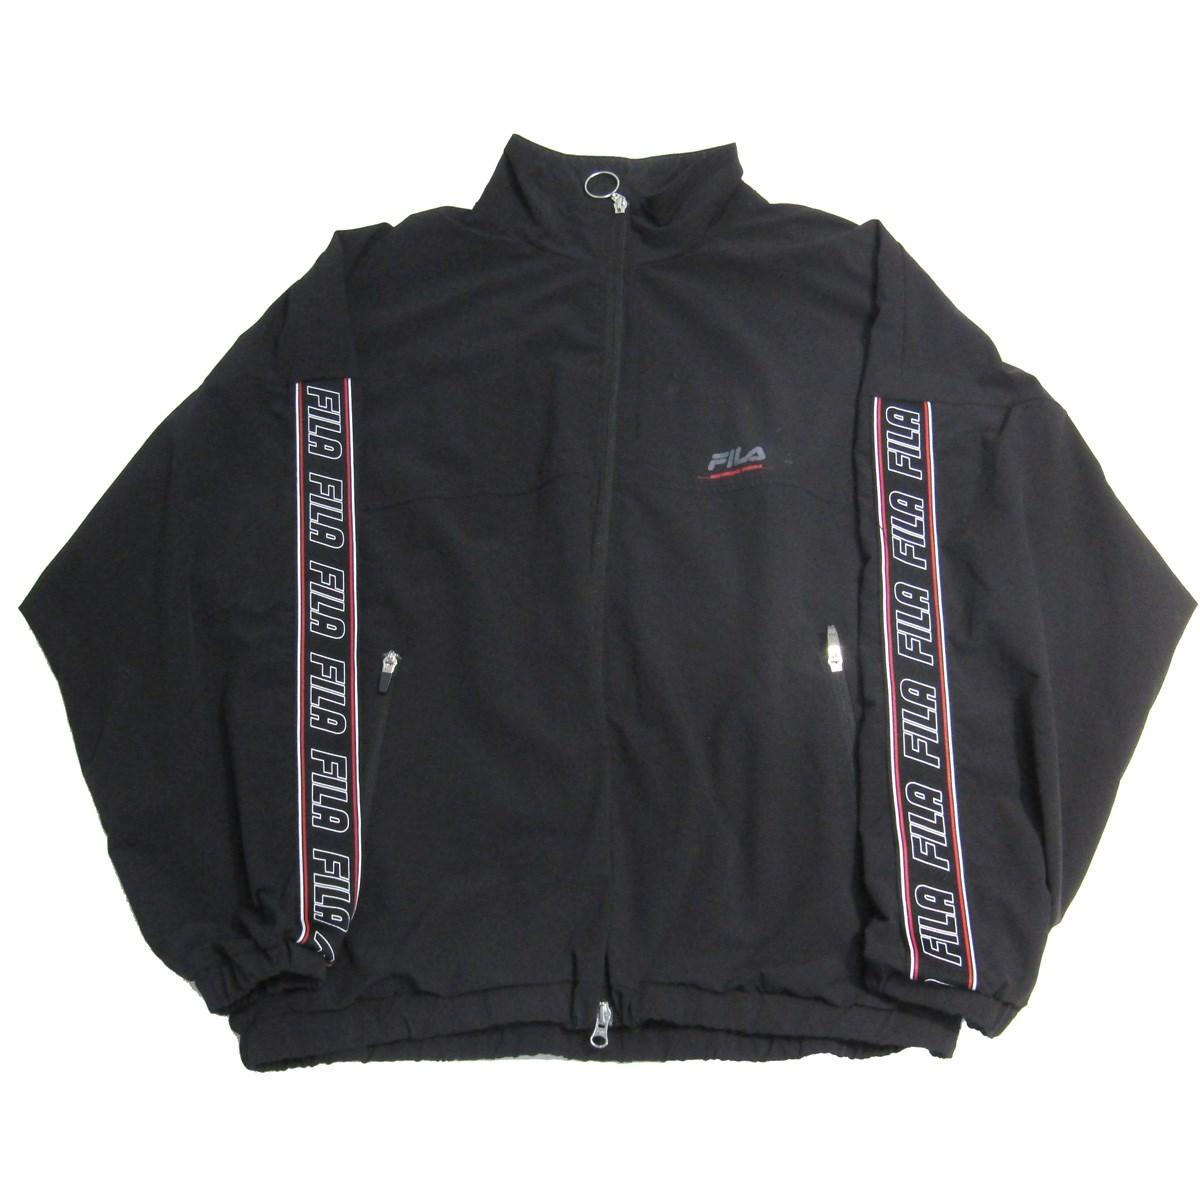 【中古】FILA×MONKEY TIME TRACK JACKET トラックジャケット ロゴラインナイロンジャケット ブラック サイズ:L 【140720】(フィラ×モンキータイム)